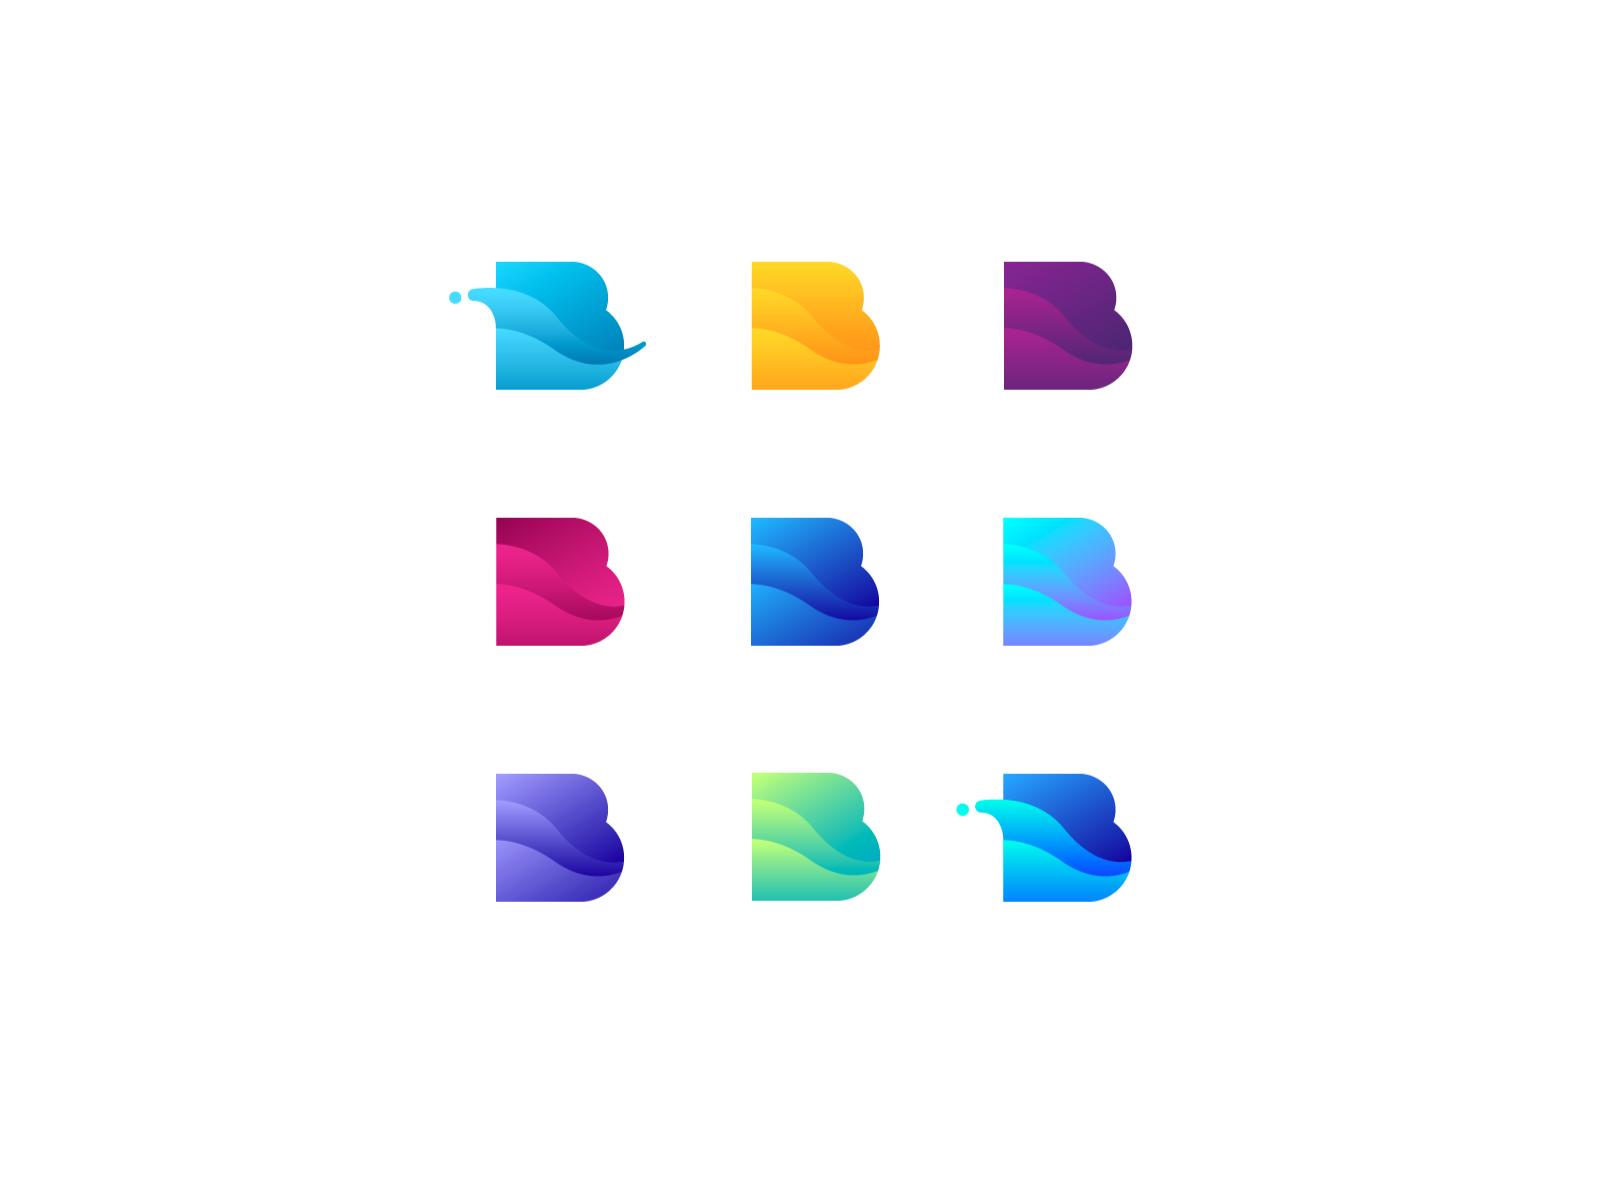 Gradient Bletter concepts